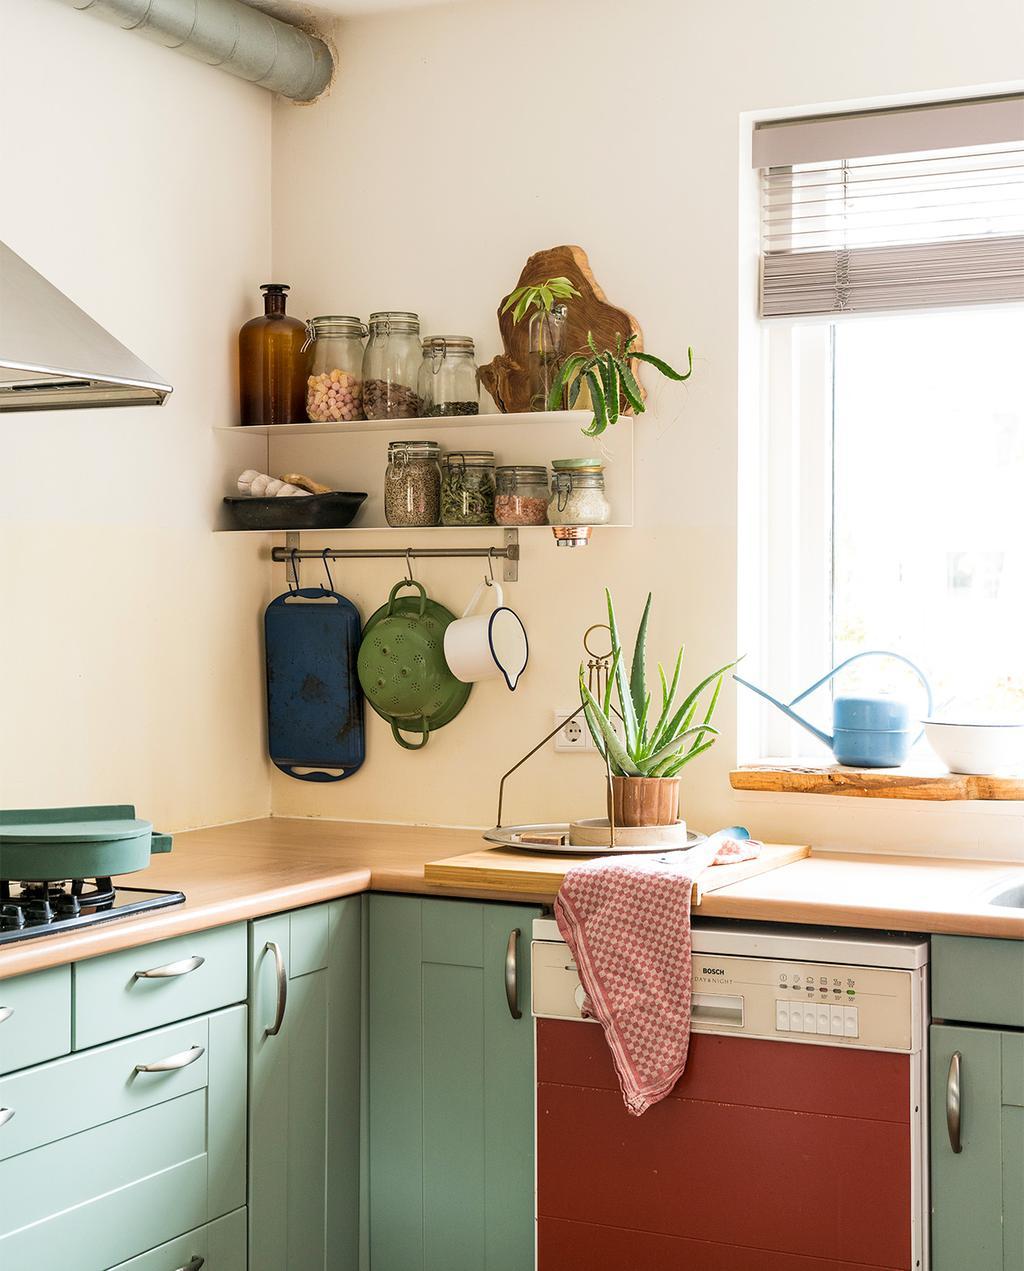 vtwonen 07-2021 | keuken met een rode vaatwasser